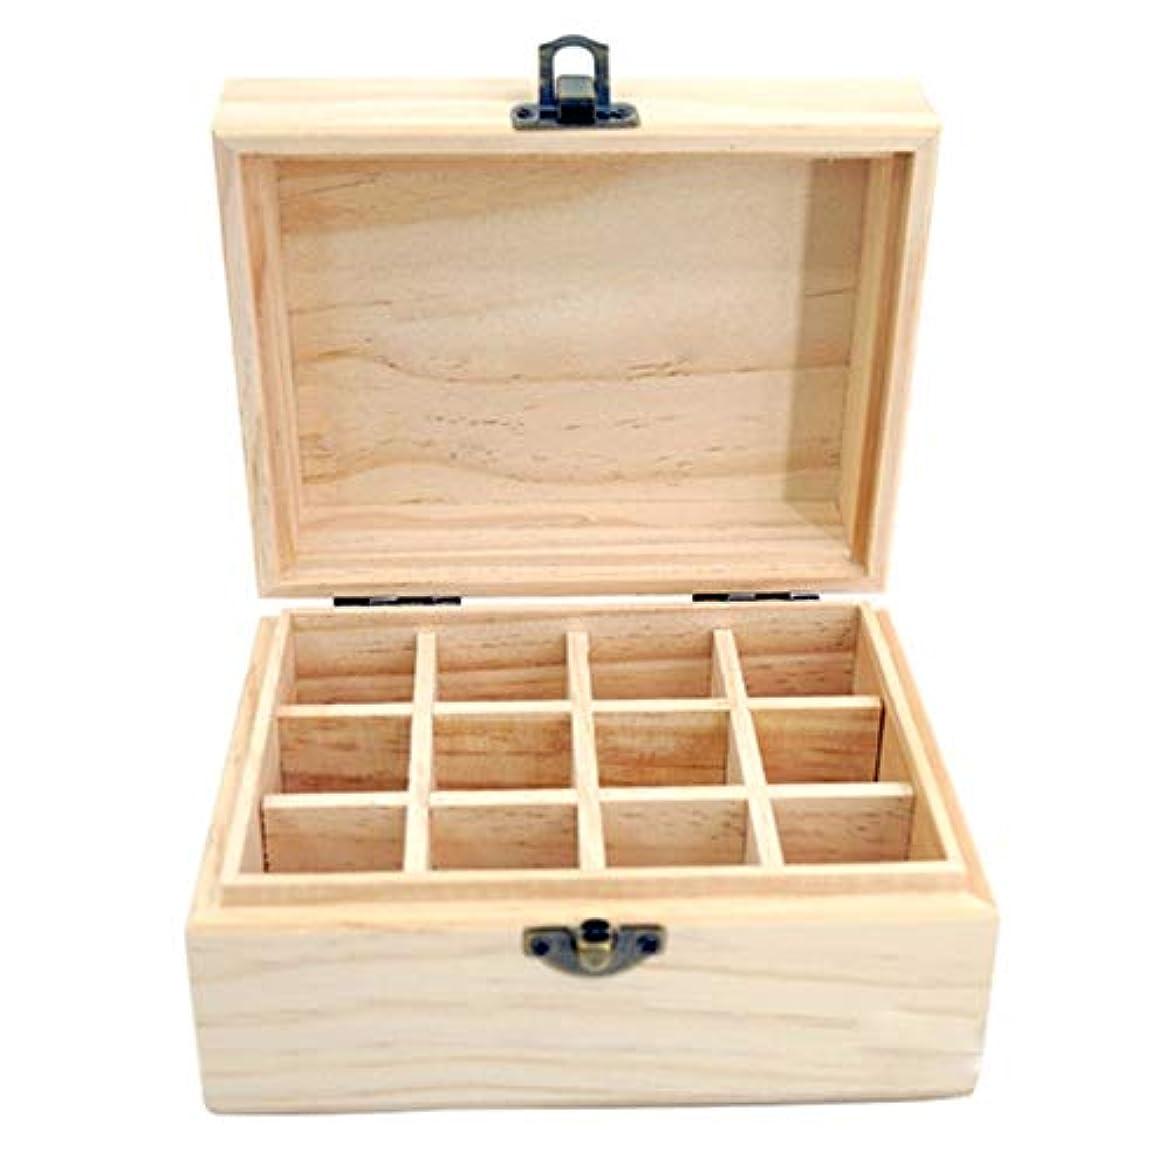 サーキュレーション戦略エッセンシャルオイルストレージボックス 18スロットエッセンシャルオイル木製ボックス収納ケースは、あなたの油安全保護さを保つ保護します 旅行およびプレゼンテーション用 (色 : Natural, サイズ : 15X11.5X8CM)